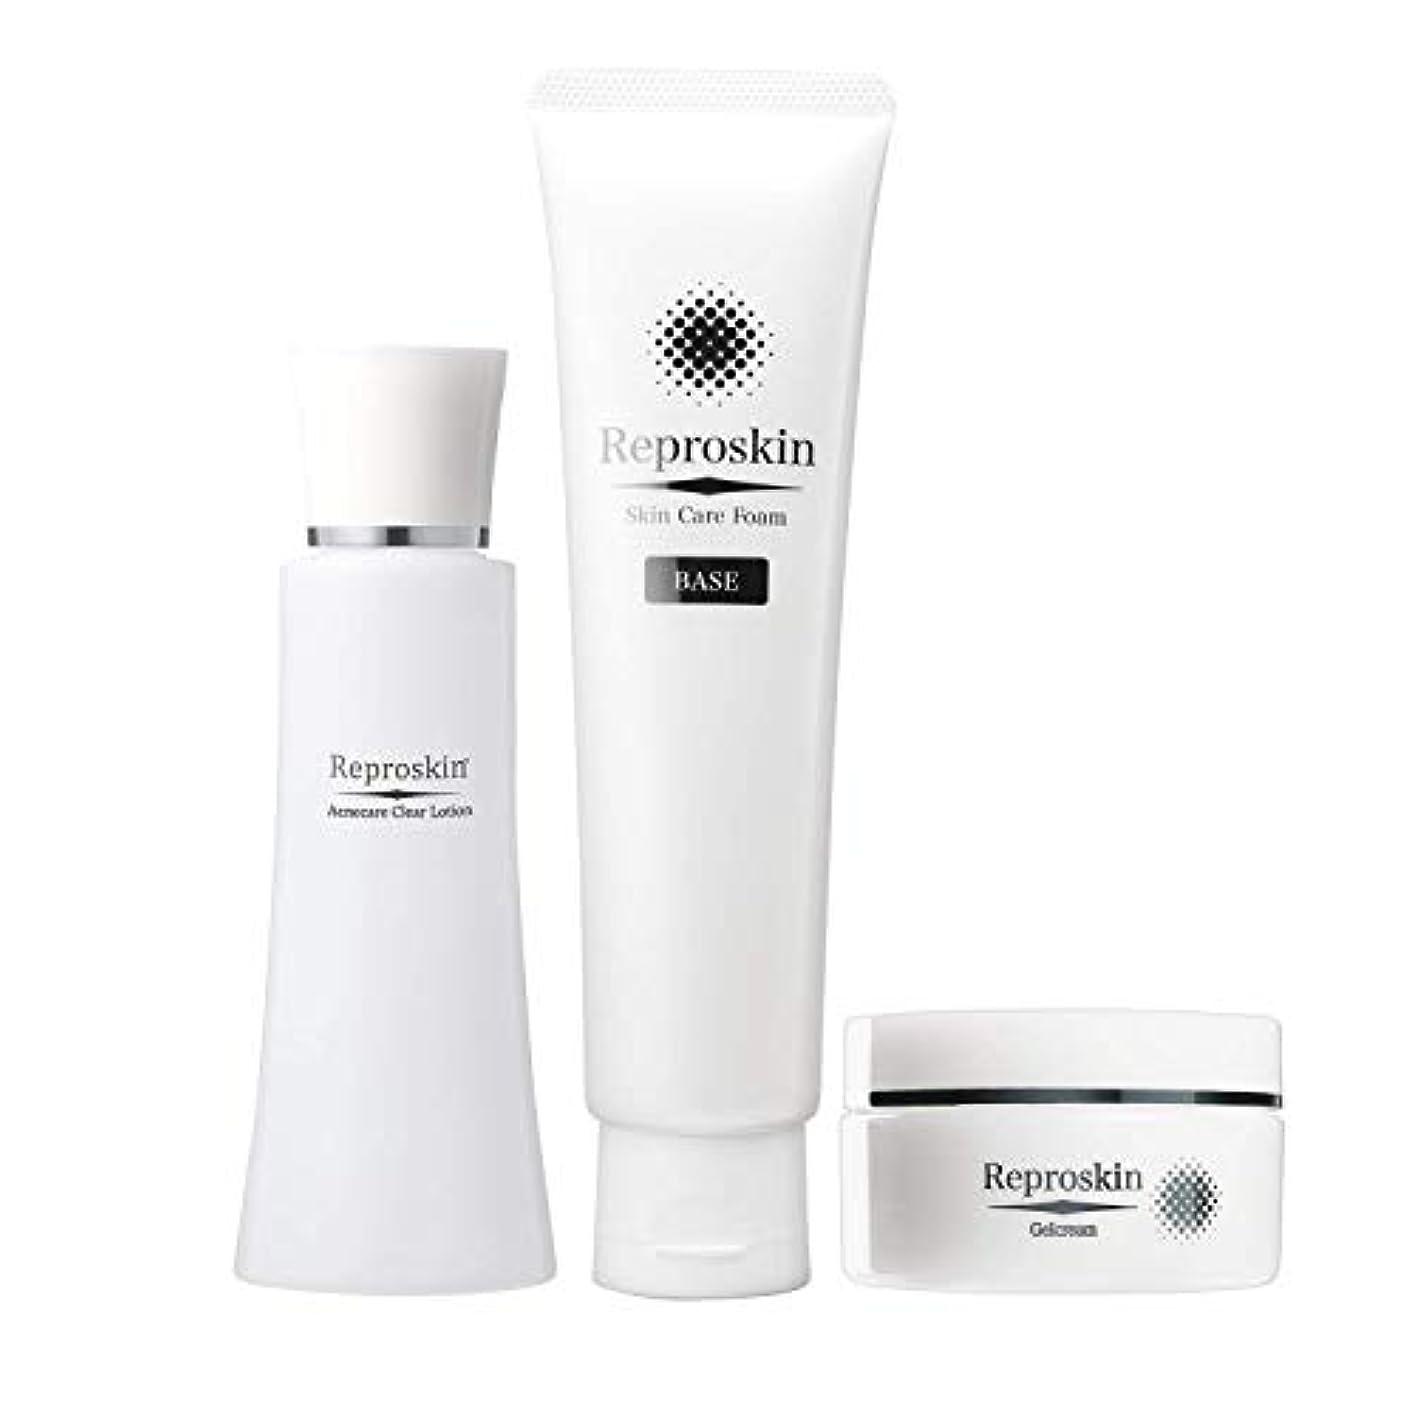 医薬部外品 ニキビ 洗顔 化粧水 保湿 クリーム トータルケア セット リプロスキン evo1 100mL スキンケアフォーム 100g ジェルクリーム 50g もちもち 肌 乾燥肌 泡